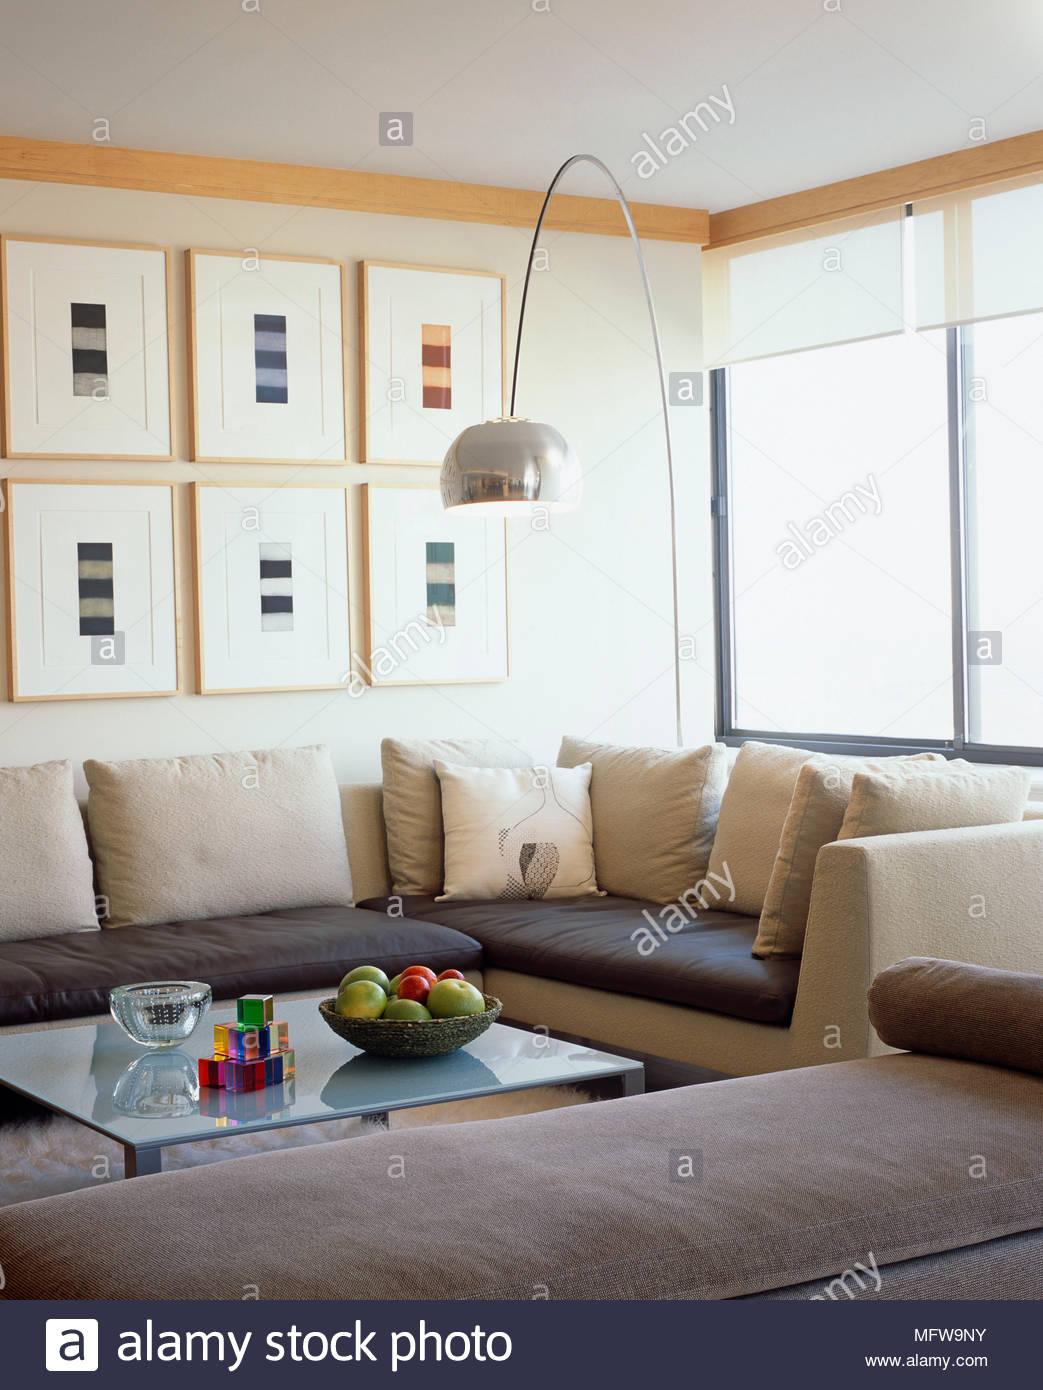 Full Size of Wohnzimmer Lampe Ikea Leuchten Stehend Lampen Von Decke Uber Couchtisch Arco A C2 Bcber Ein Gepolstertes Sofa Und Vorhang Küche Kosten Gardinen Für Wohnzimmer Wohnzimmer Lampe Ikea